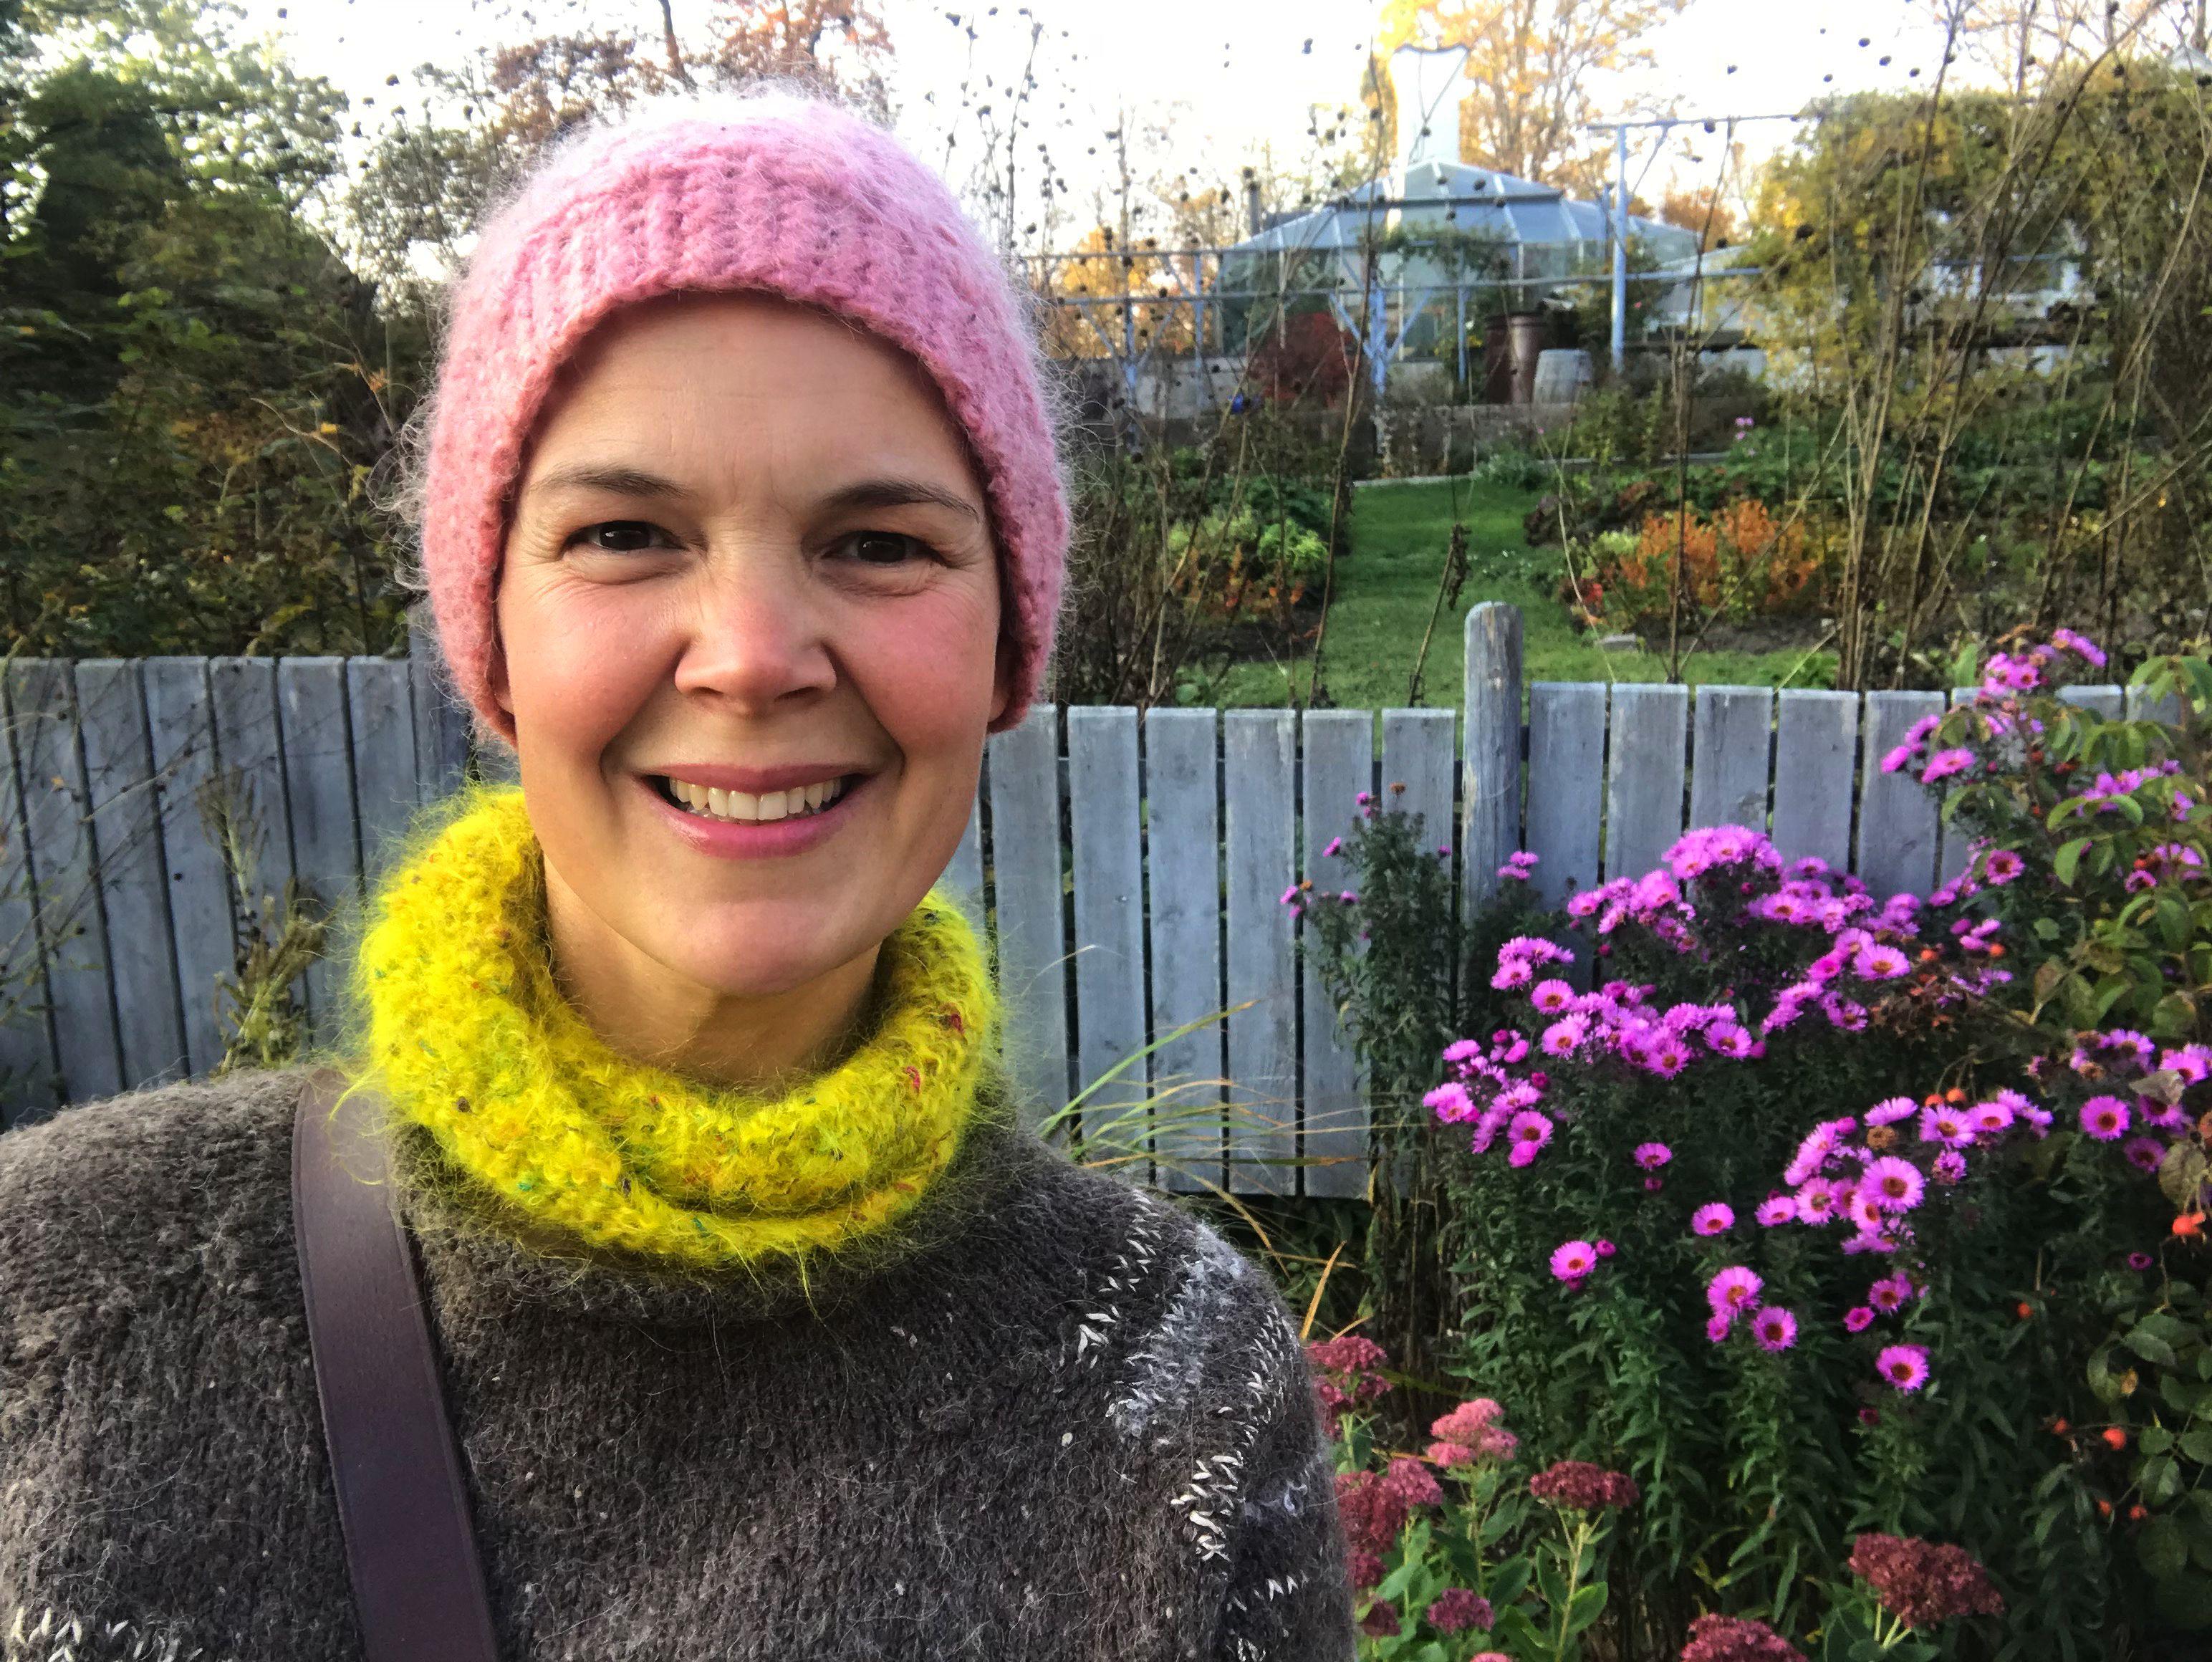 Sara Bäckmo i färgglad halsduk och mössa.